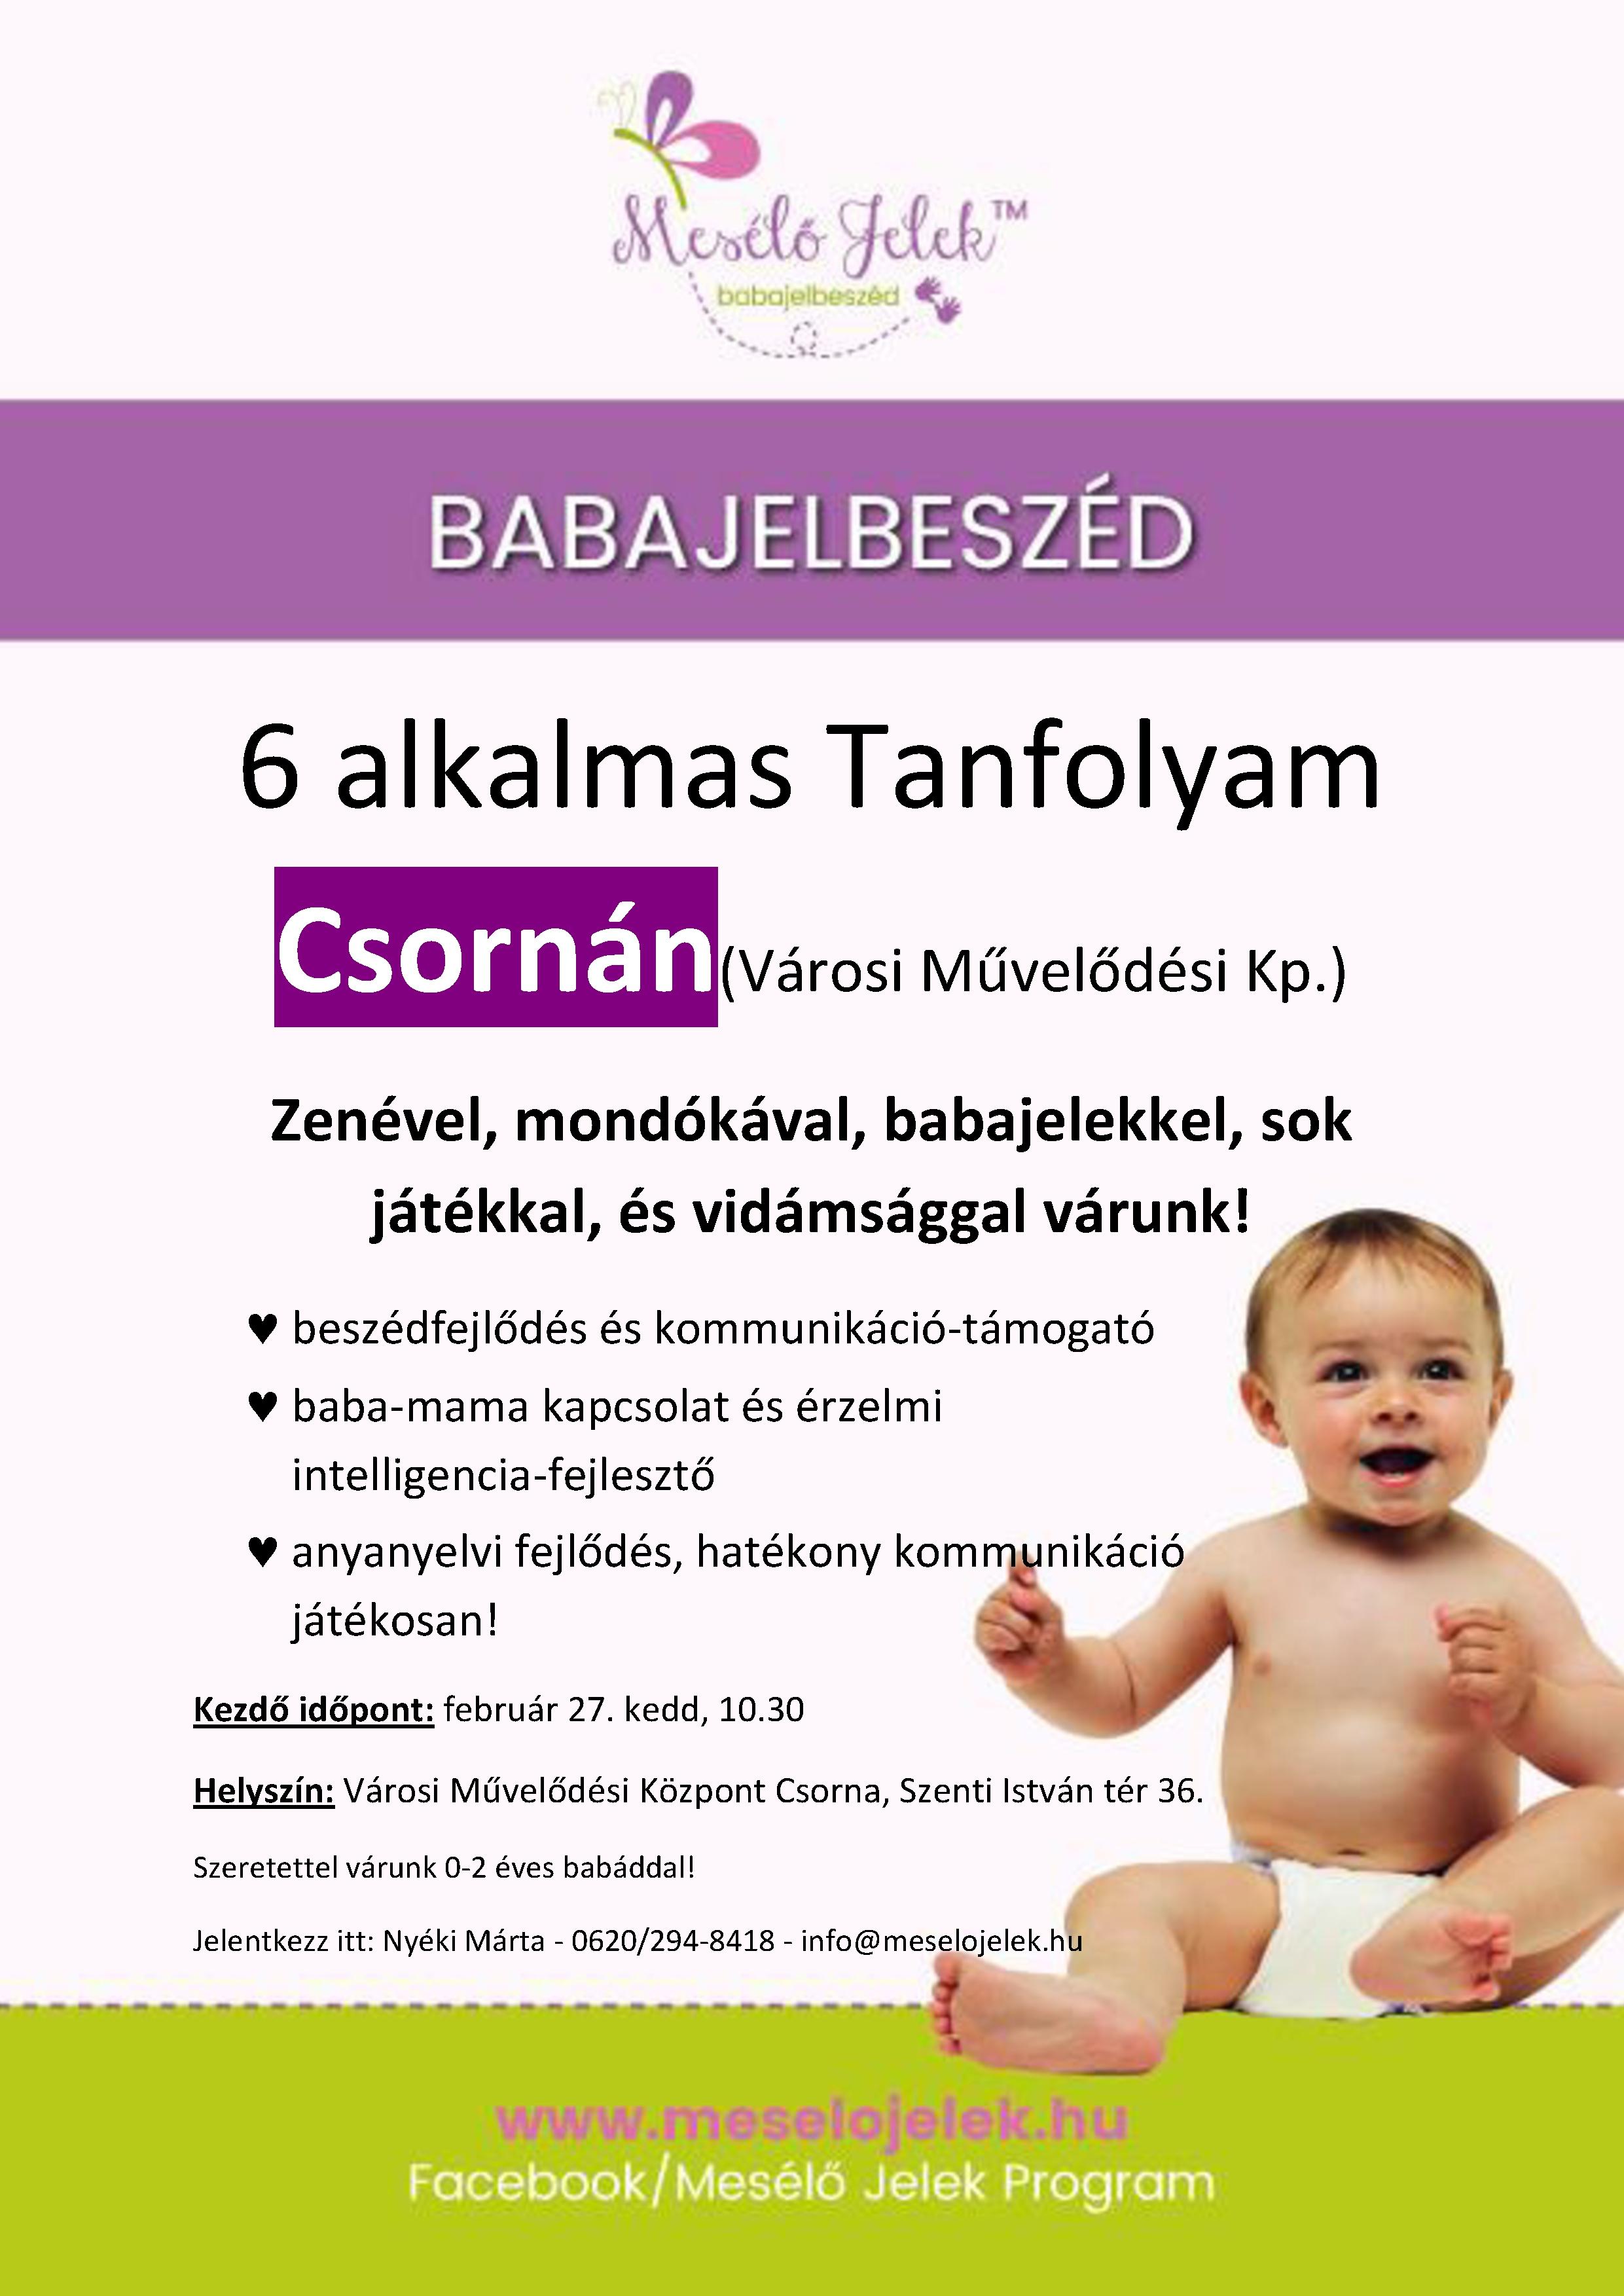 Babajelbeszed_tanf